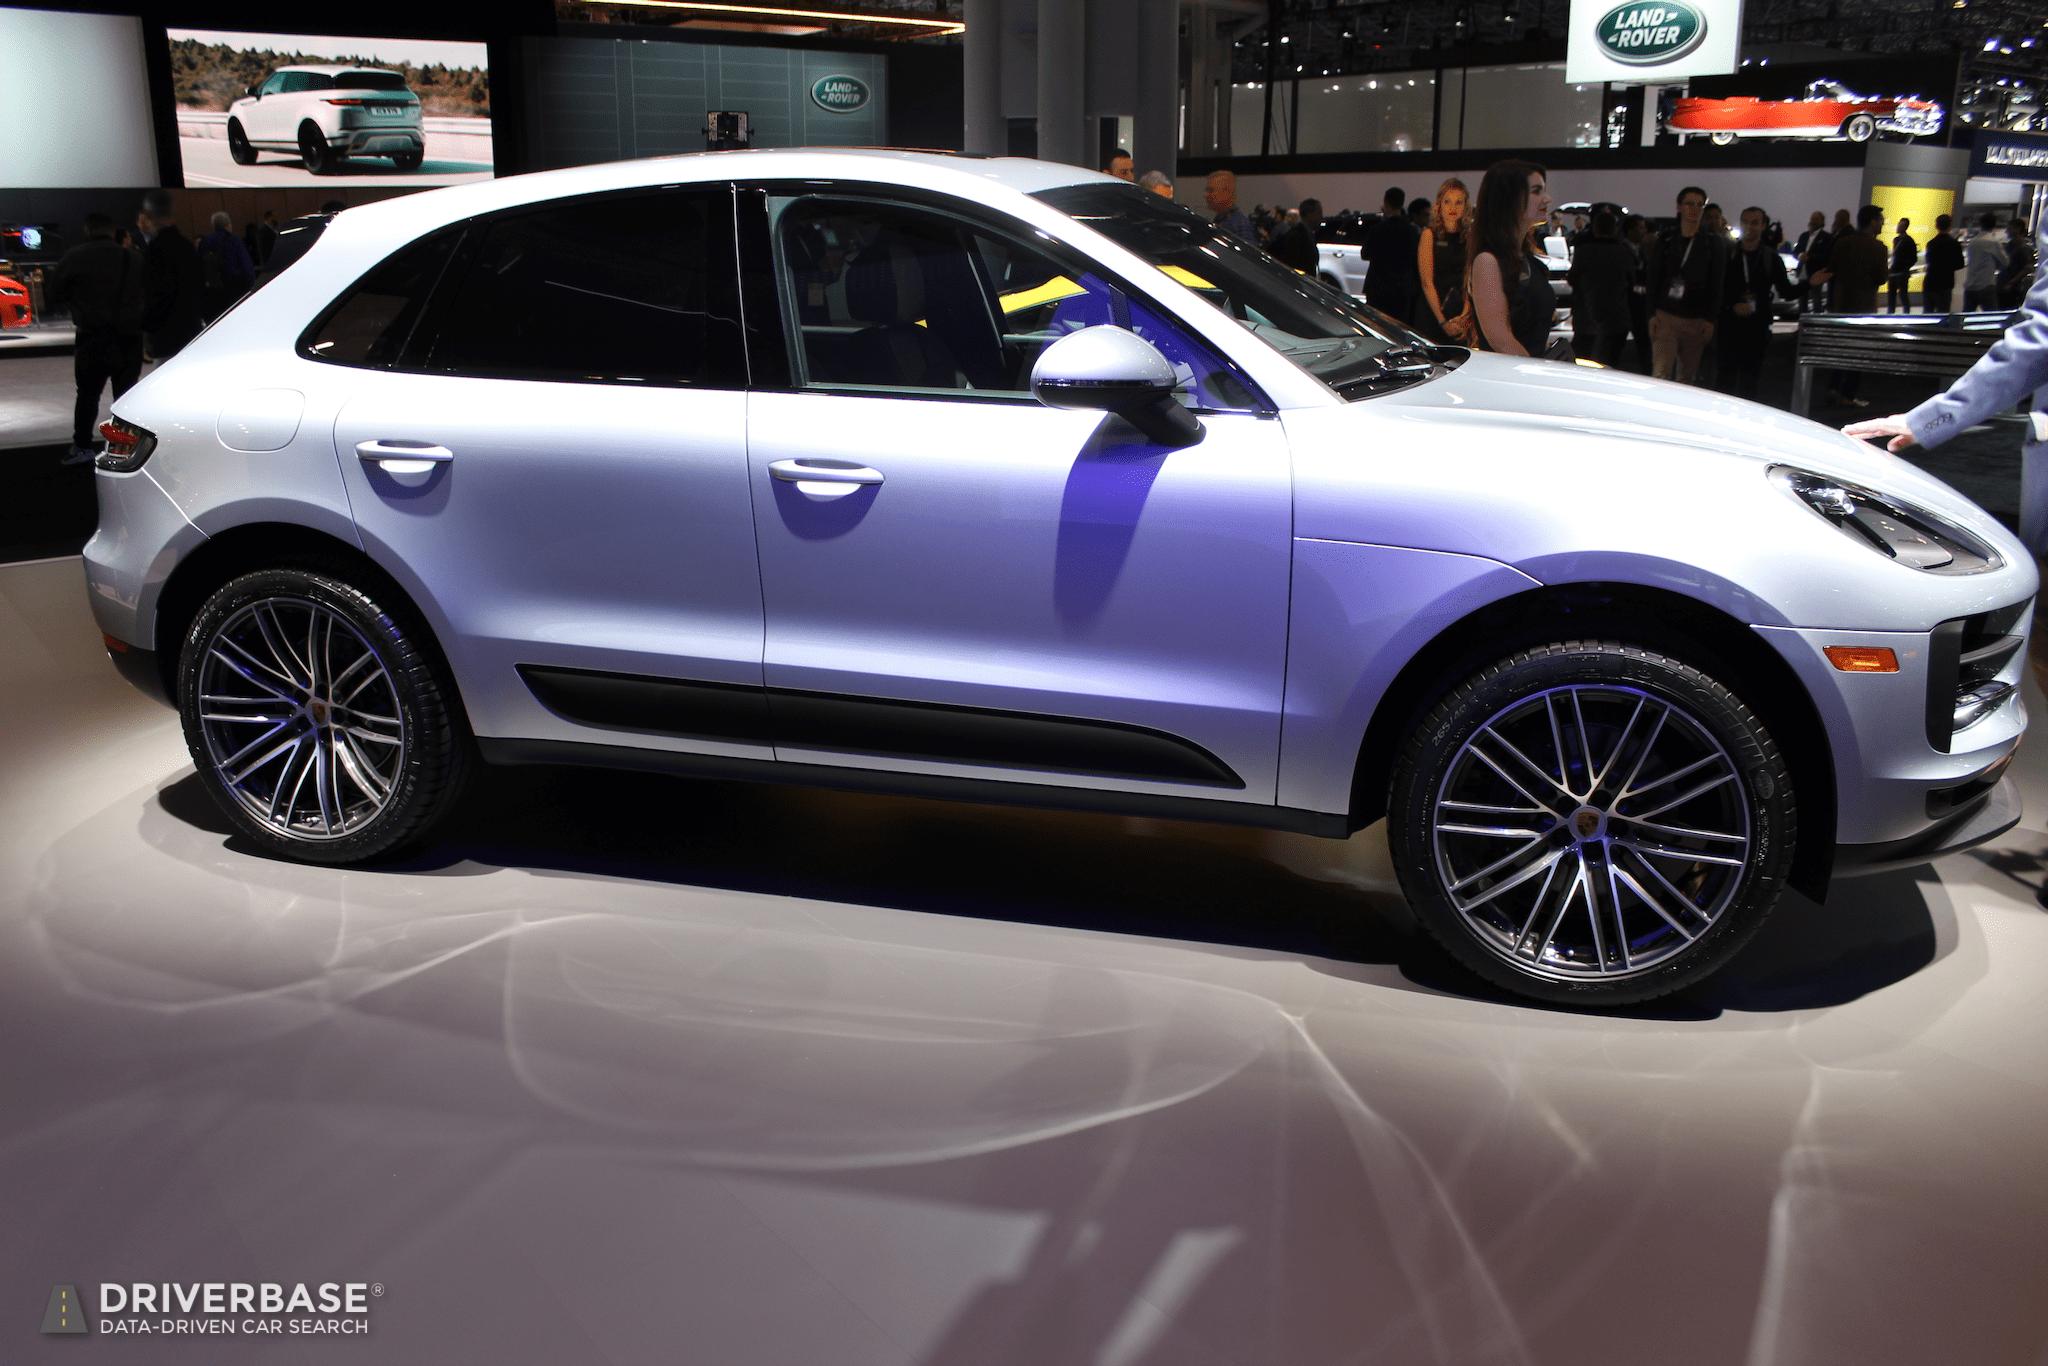 2020 Porsche Macan S, GTS, Interior, Hybrid - 2020 Best ...  |2020 Porsche Macan Suv